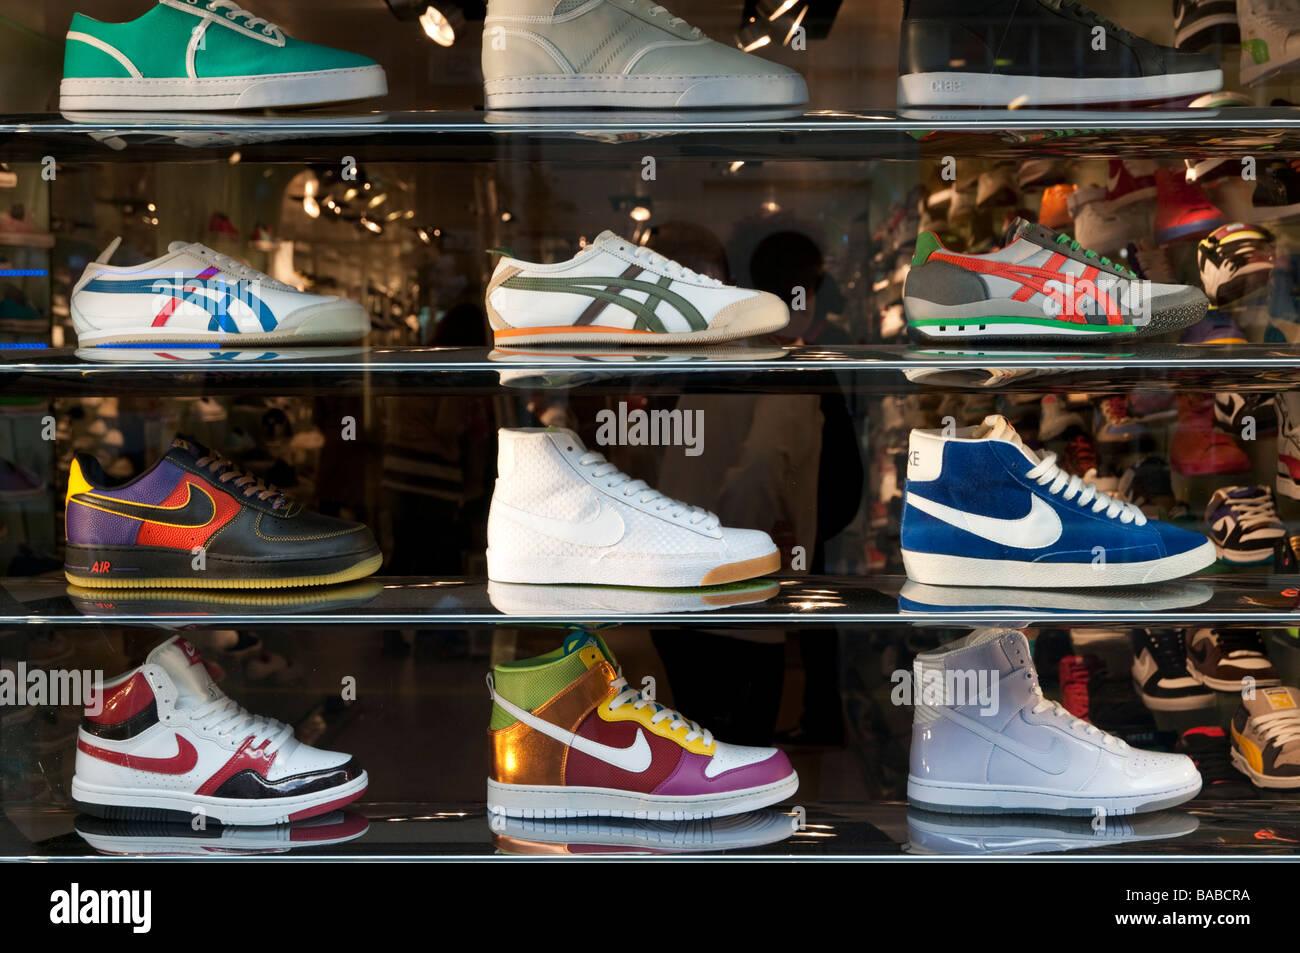 Scarpe da corsa e dei formatori in negozio finestra display Londra  Inghilterra REGNO UNITO Immagini Stock 0f26a67e7ba